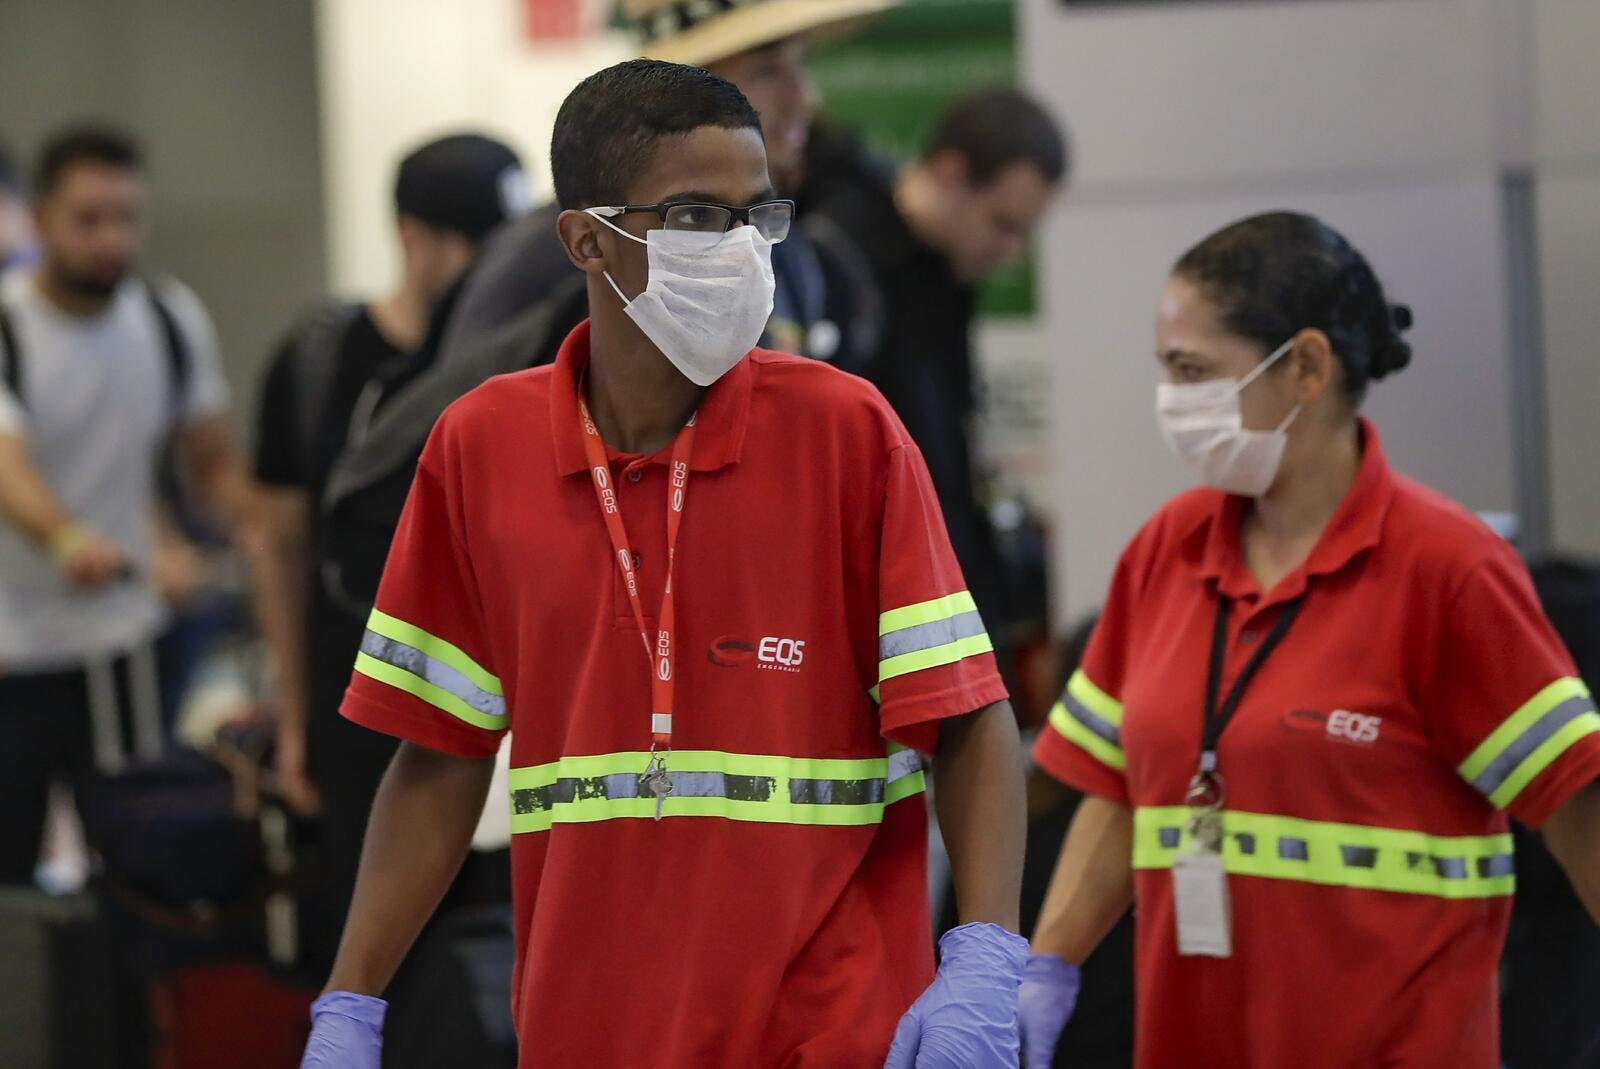 البرازيل تمضي برفع القيود رغم تسجيلها 1.5 مليون إصابة بكورونا